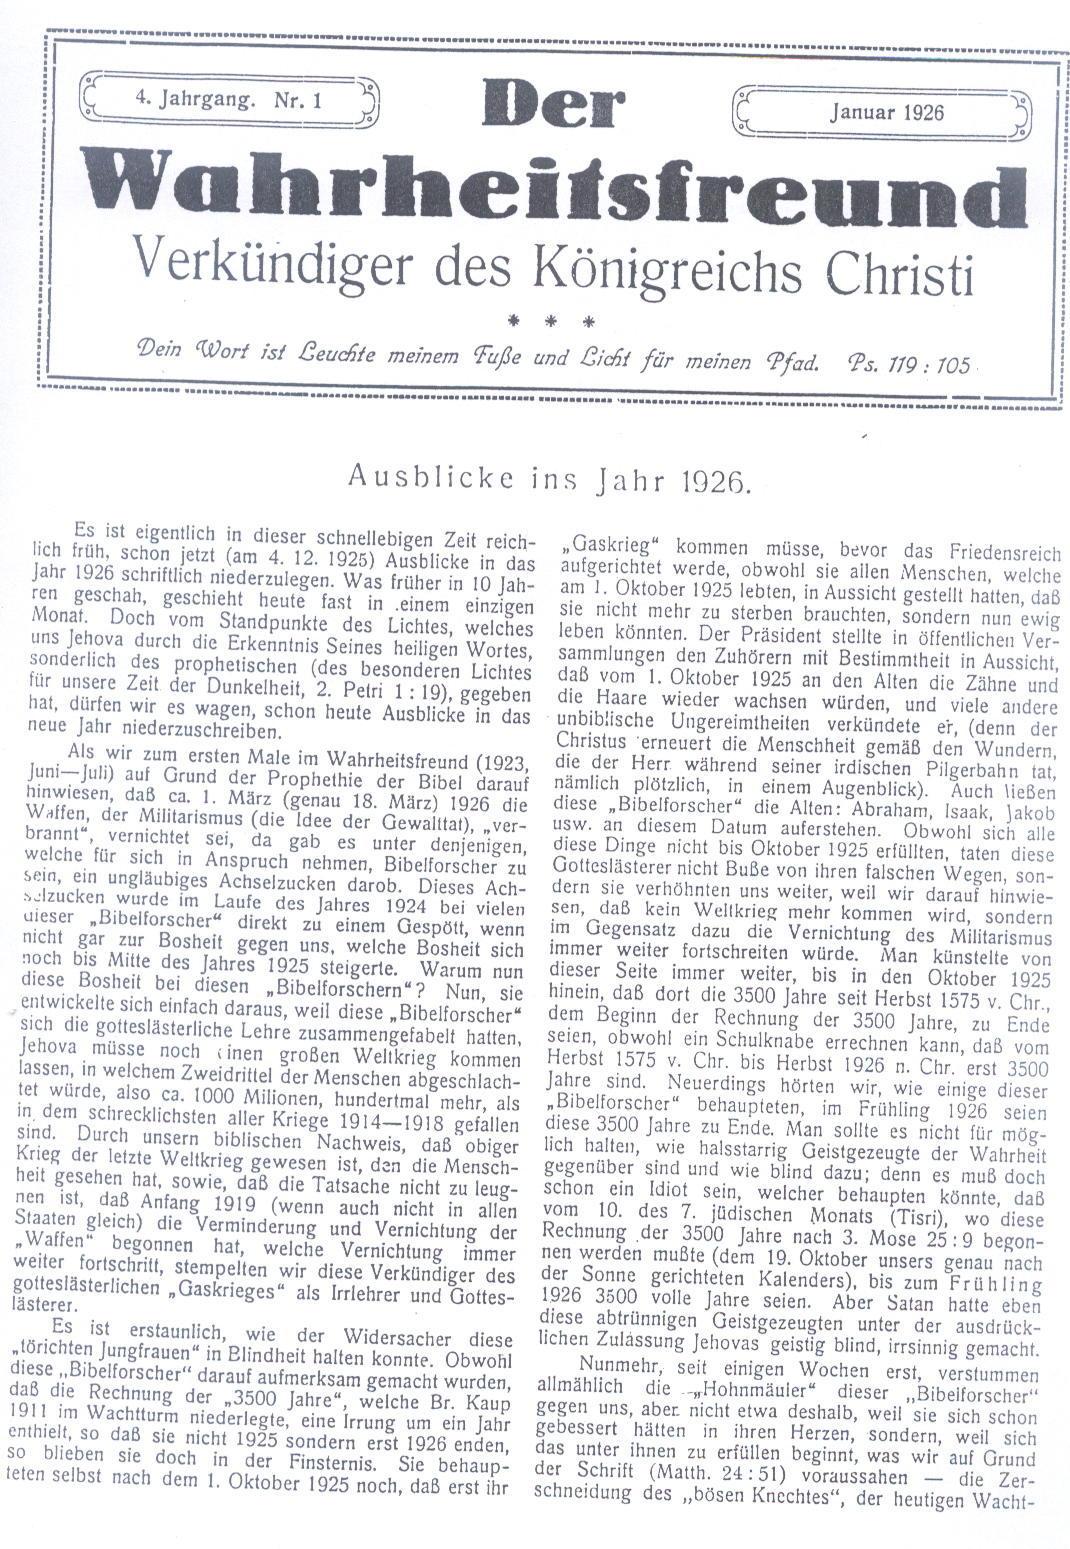 http://www.manfred-gebhard.de/Wahrheitsfreund.1.26.jpg